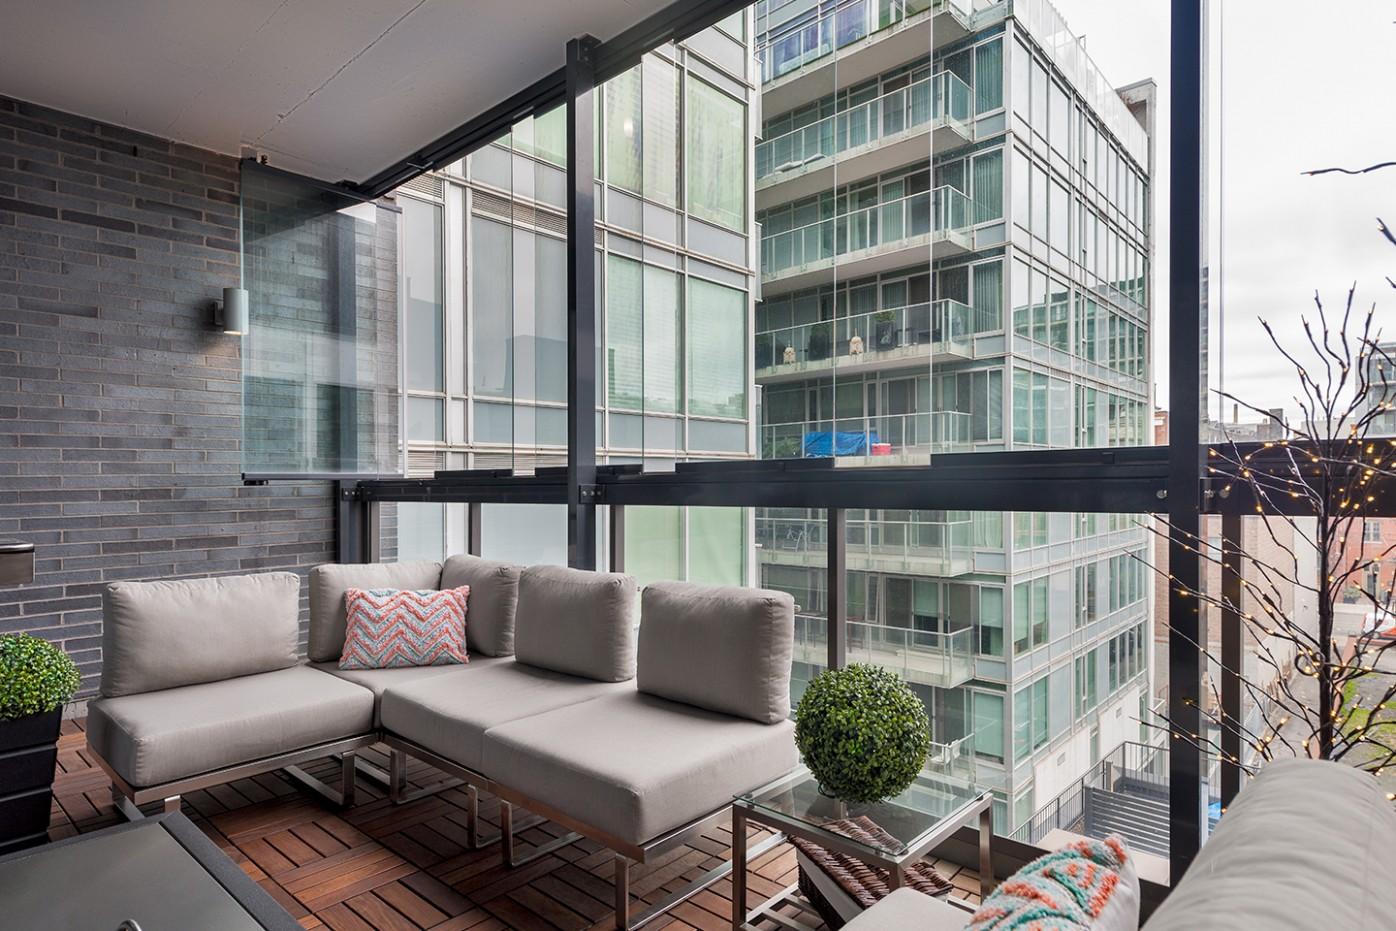 Balcony Enclosures in Vancouver, Toronto and Across Canada  Lumon  - Apartment Balcony Enclosure Ideas